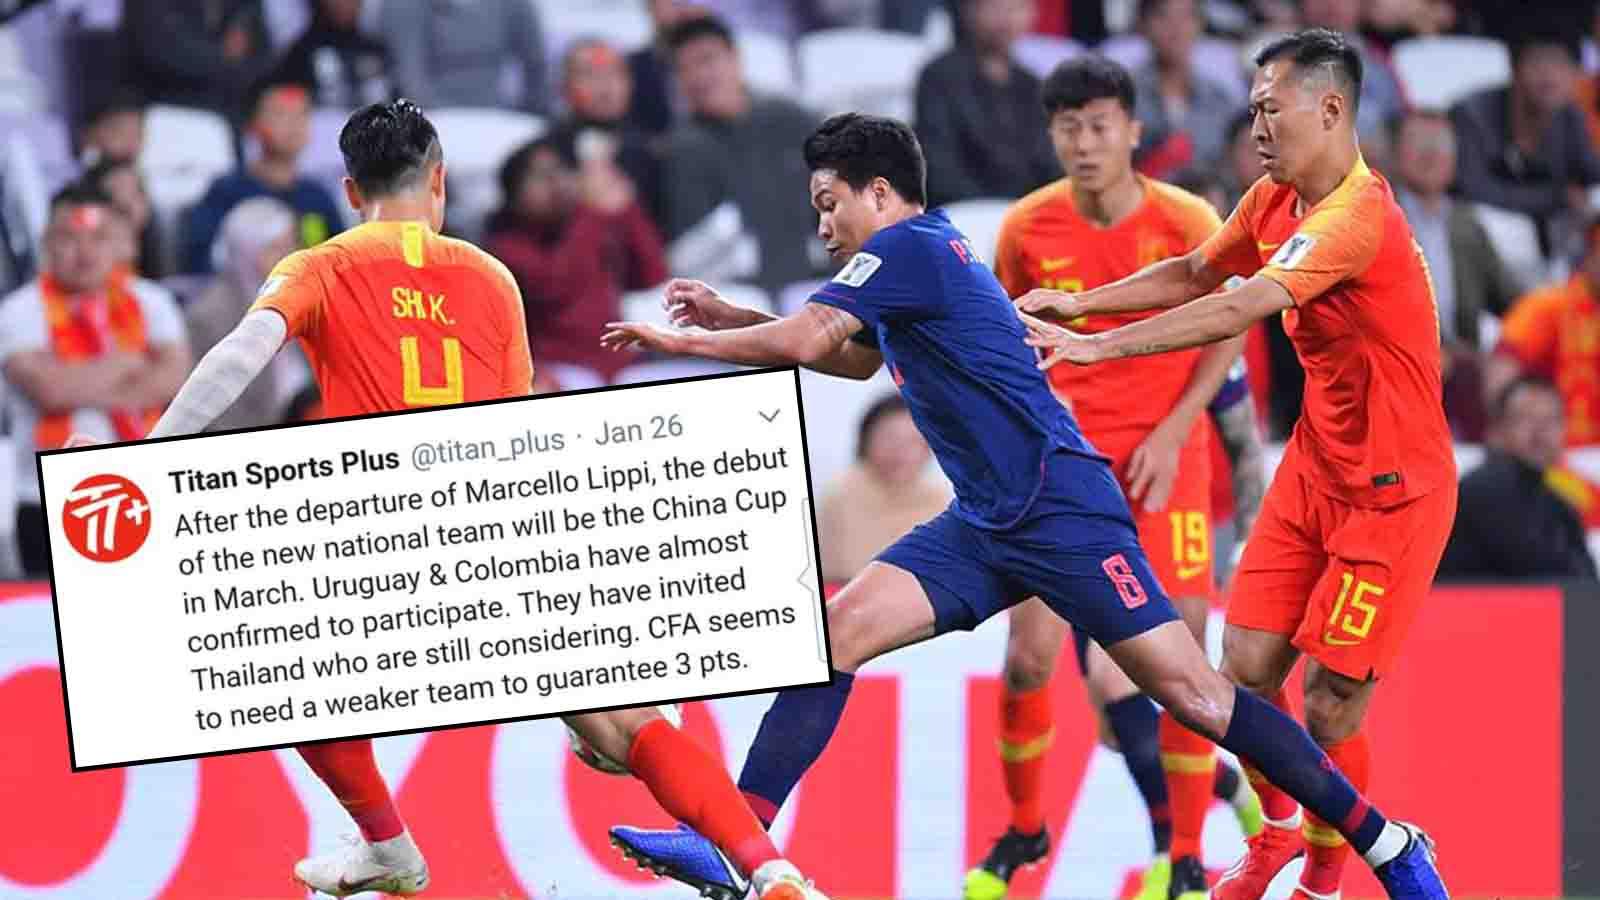 ทีมชาติจีน ทีมชาติอุรุกวัย ทีมชาติโคลัมเบีย ทีมชาติไทย